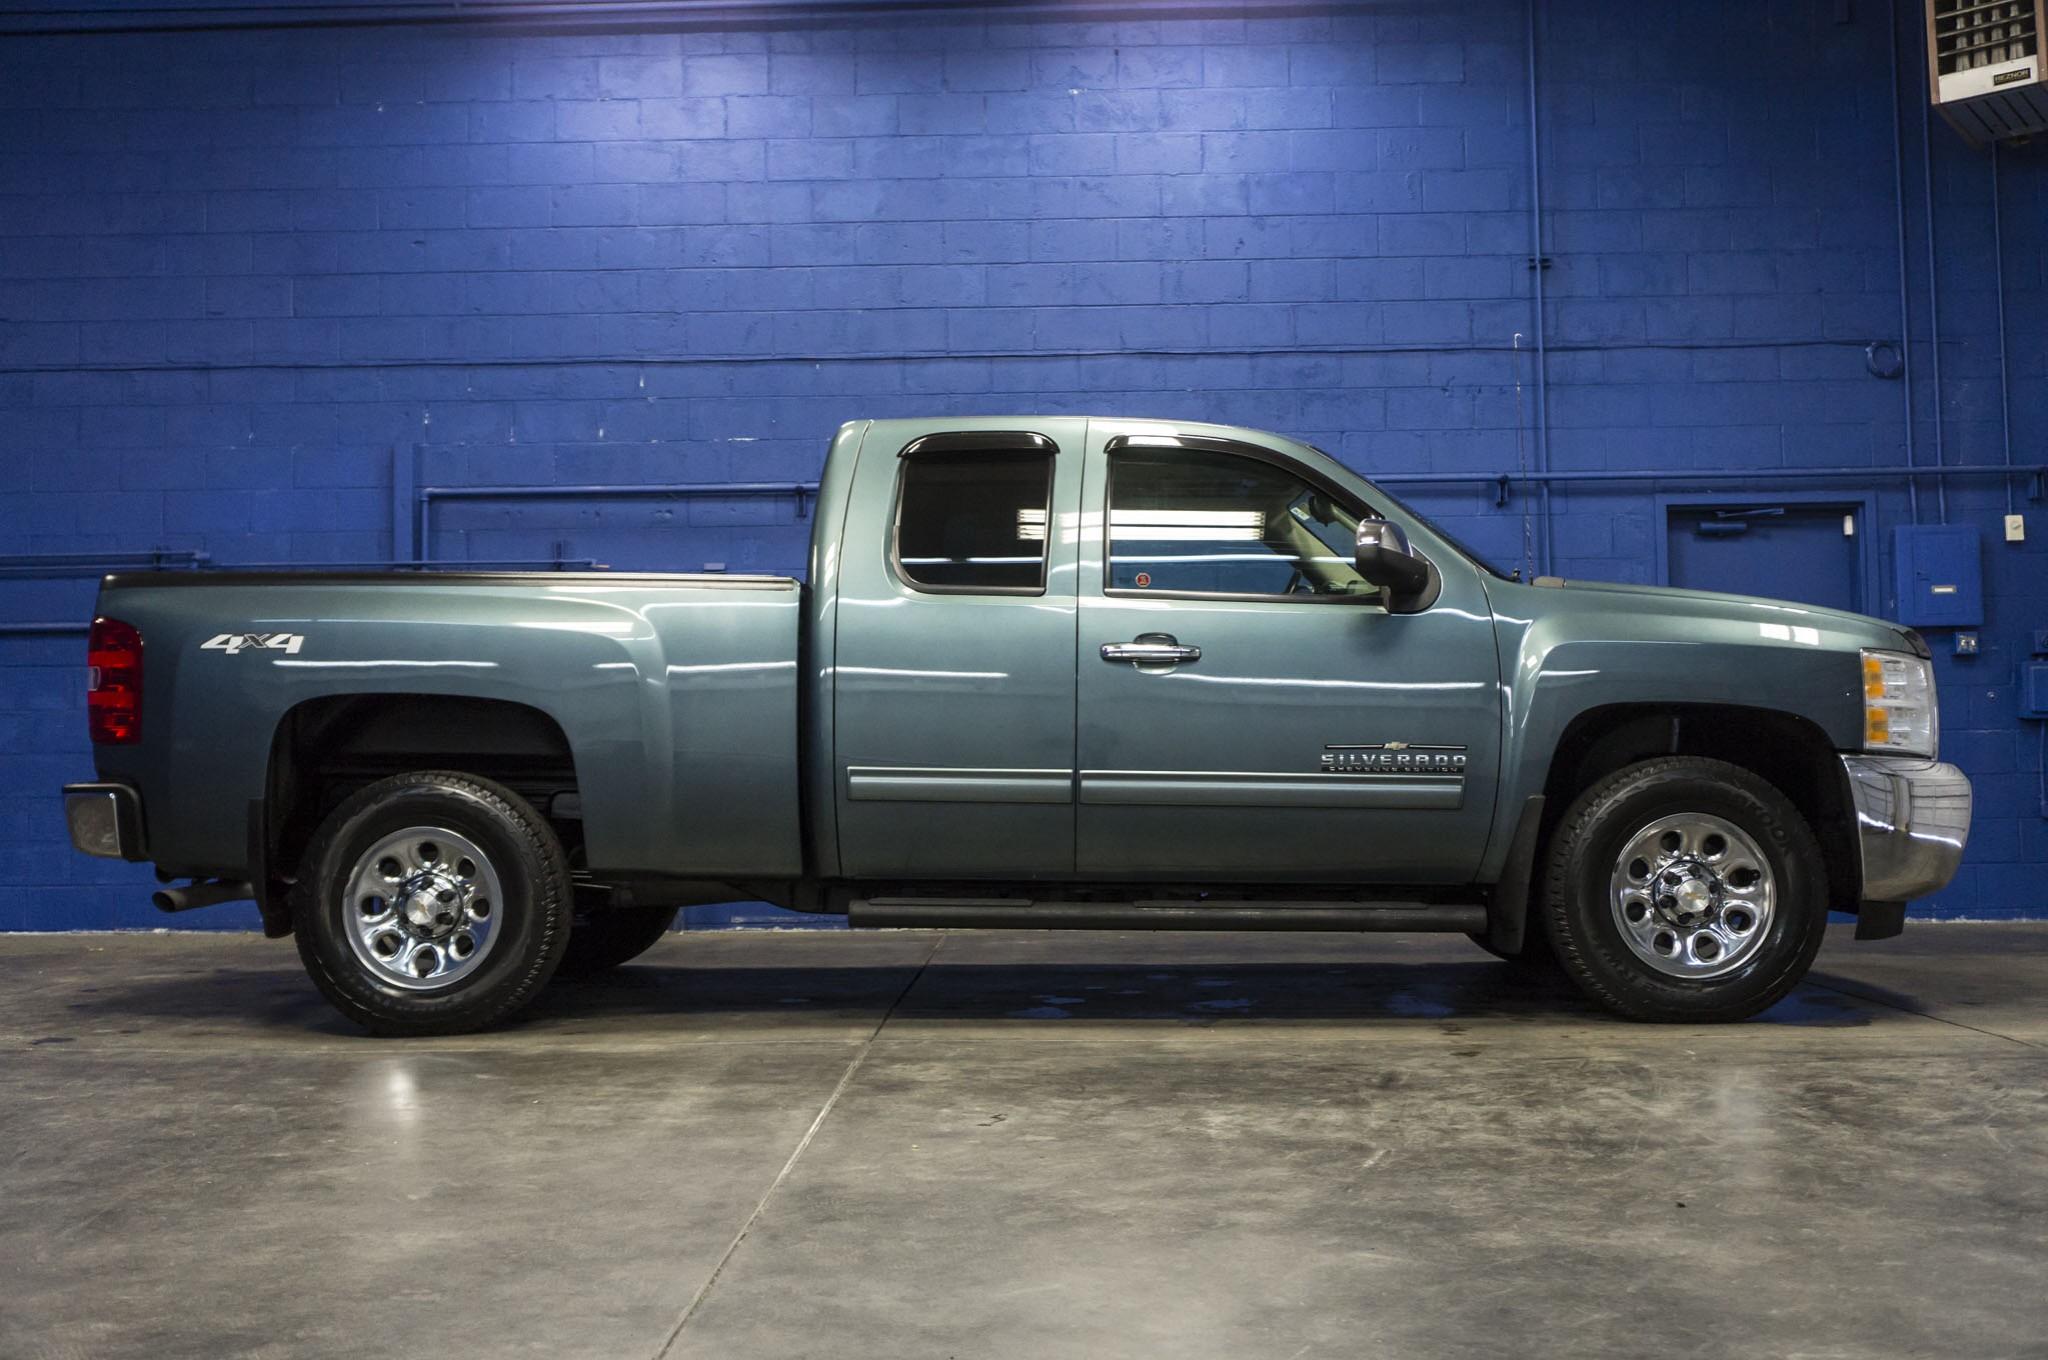 Used 2013 Chevrolet Silverado 1500 Cheyenne Edition 4x4 Truck For